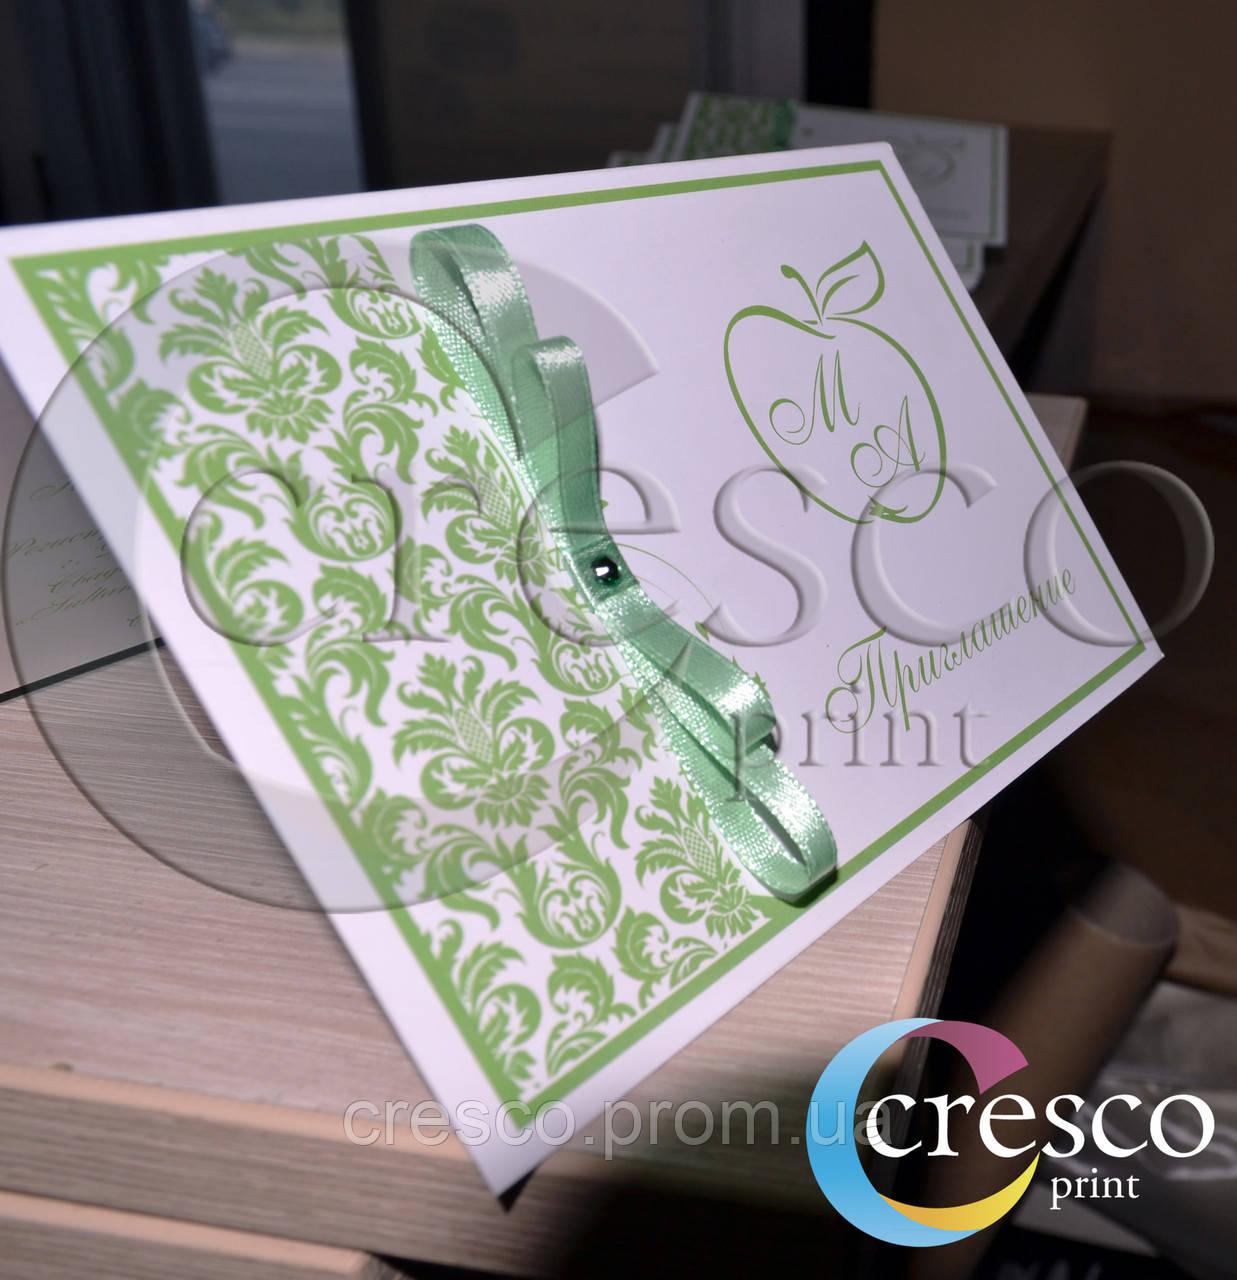 Стильные свадебные пригласительные - Cresco print в Днепре